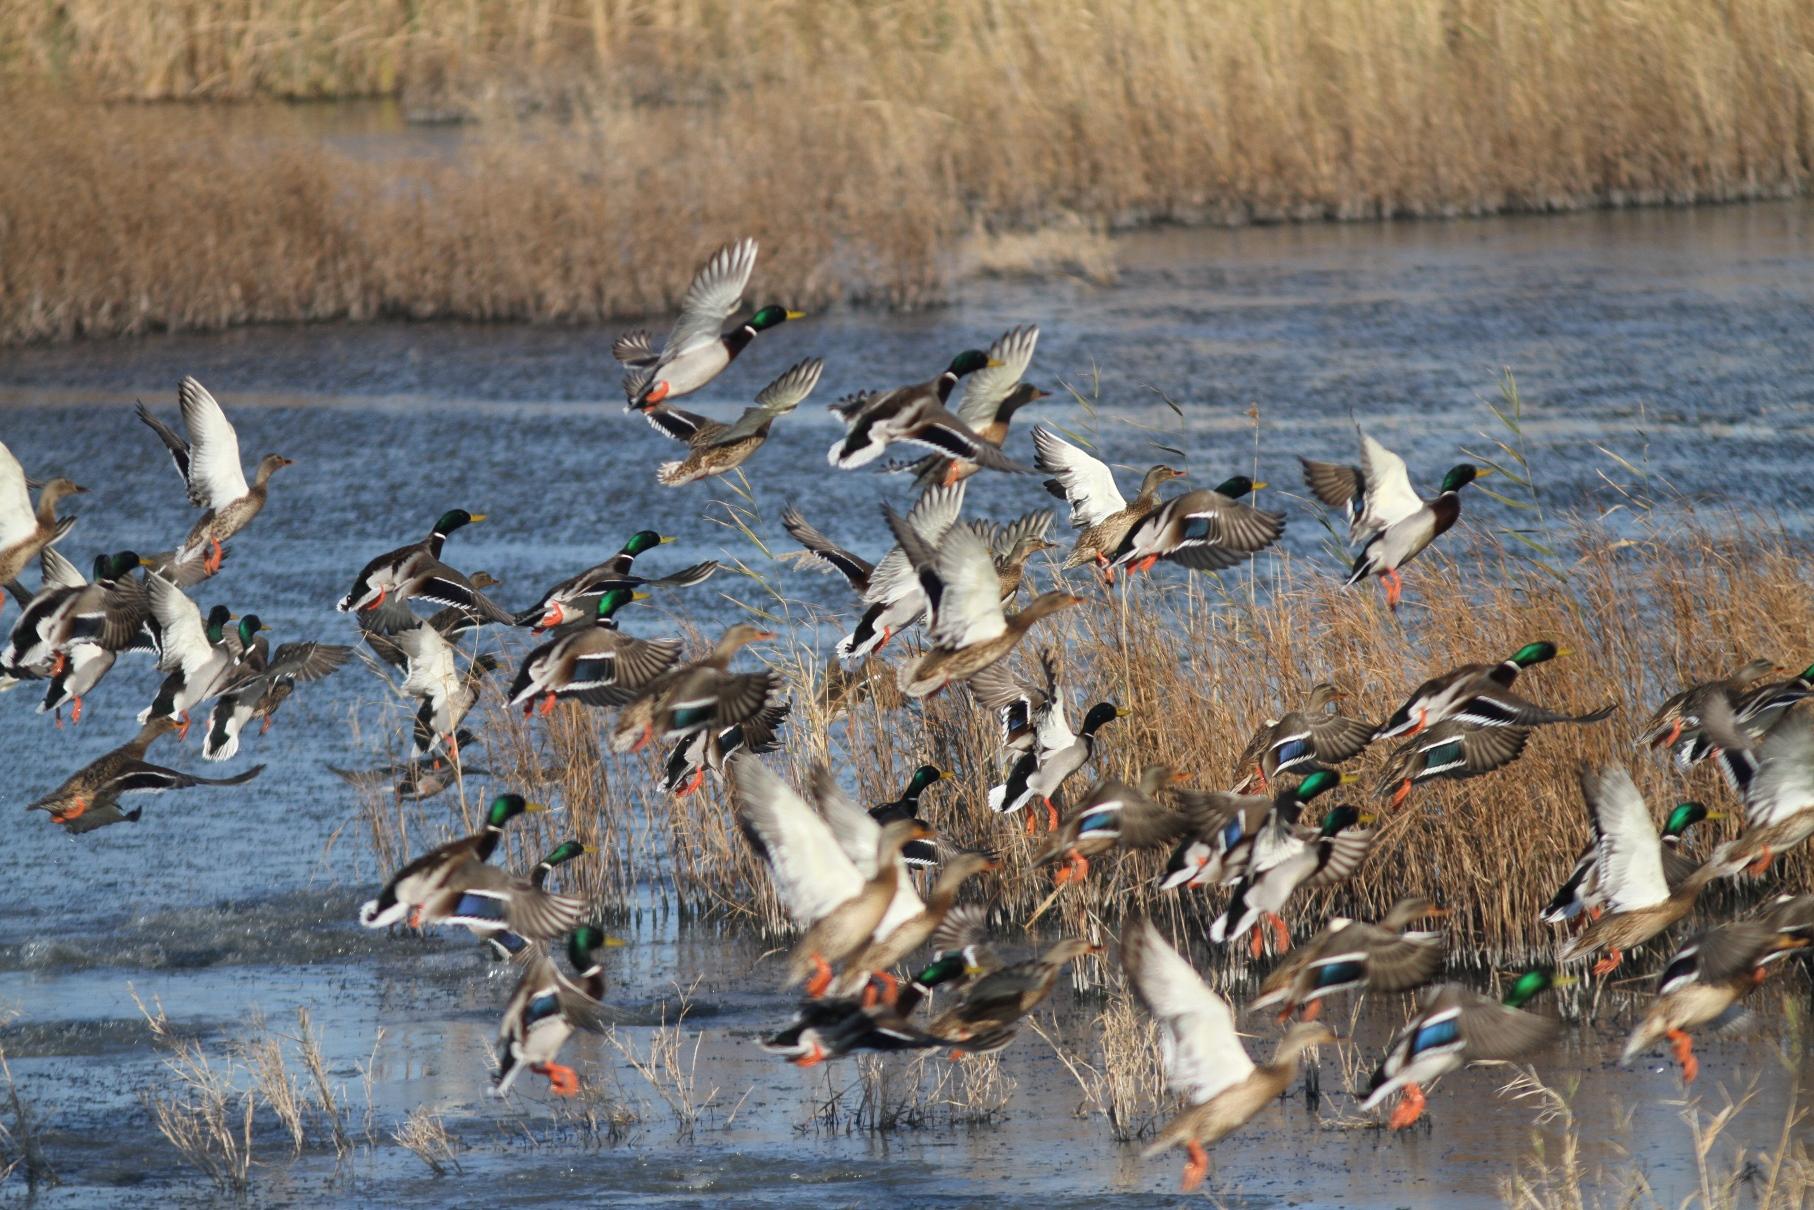 Έβρος: Κυνηγοί βάζουν στο στόχαστρο προστατευόμενα είδη πουλιών – Τι δείχνει μεγάλη έρευνα (pics)